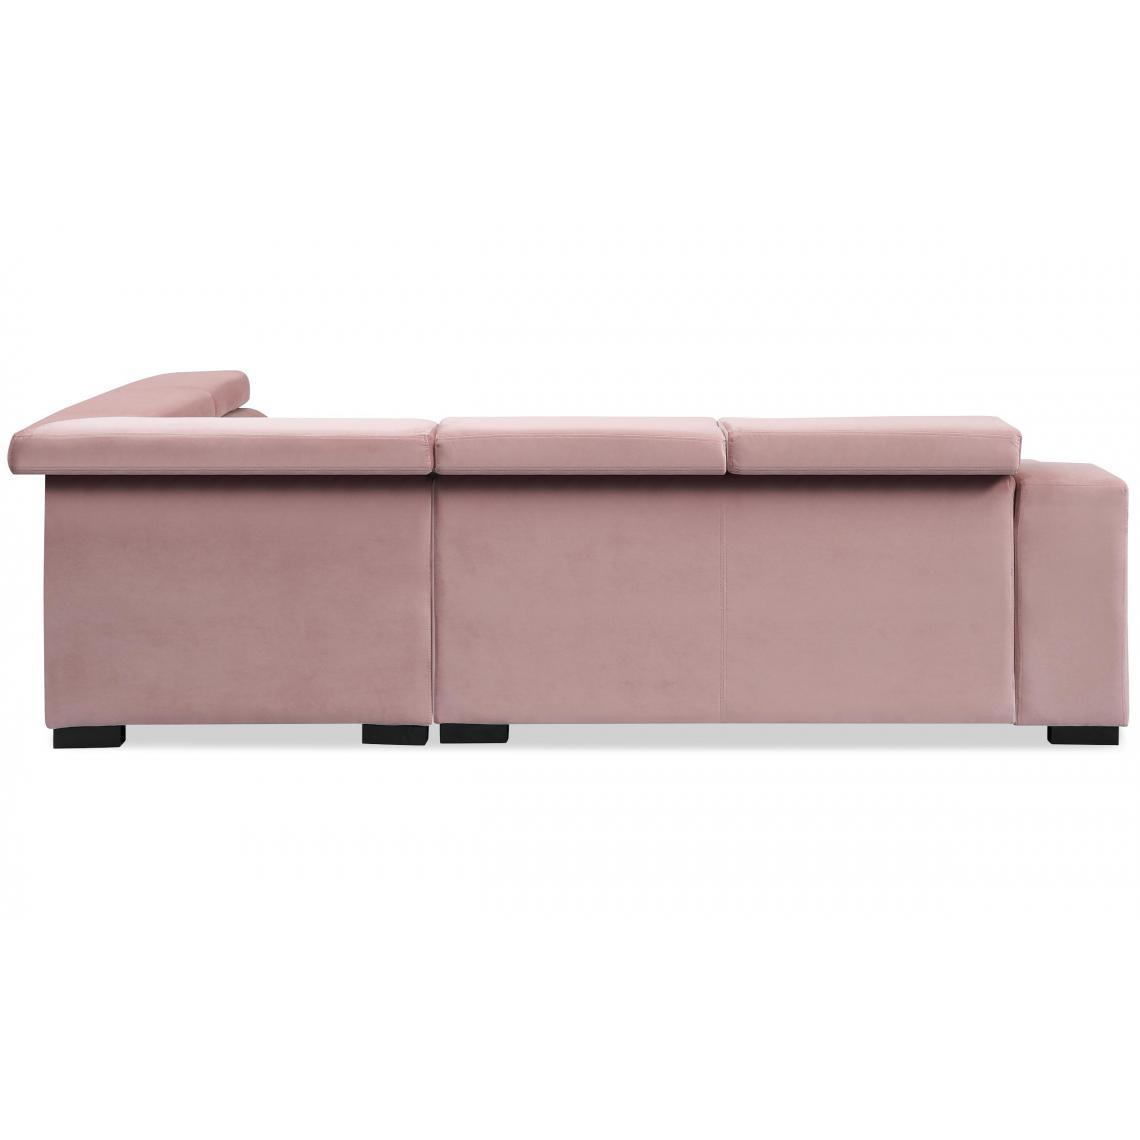 Canapé d'angle en velours Rose ISMOSA CghHN